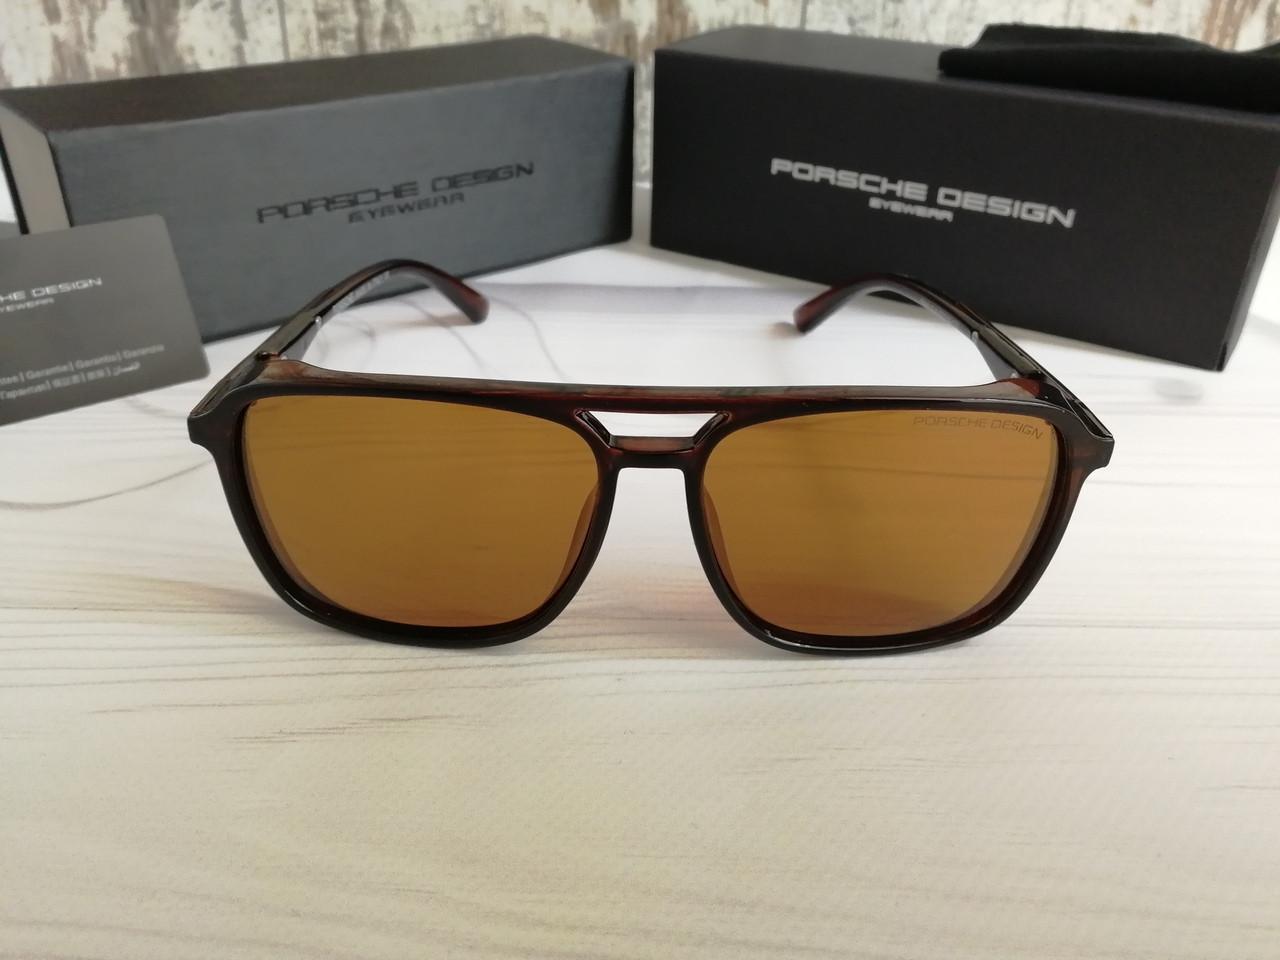 Мужские брендовые солнцезащитные очки с поляризацией Porsche Design (коричневые)